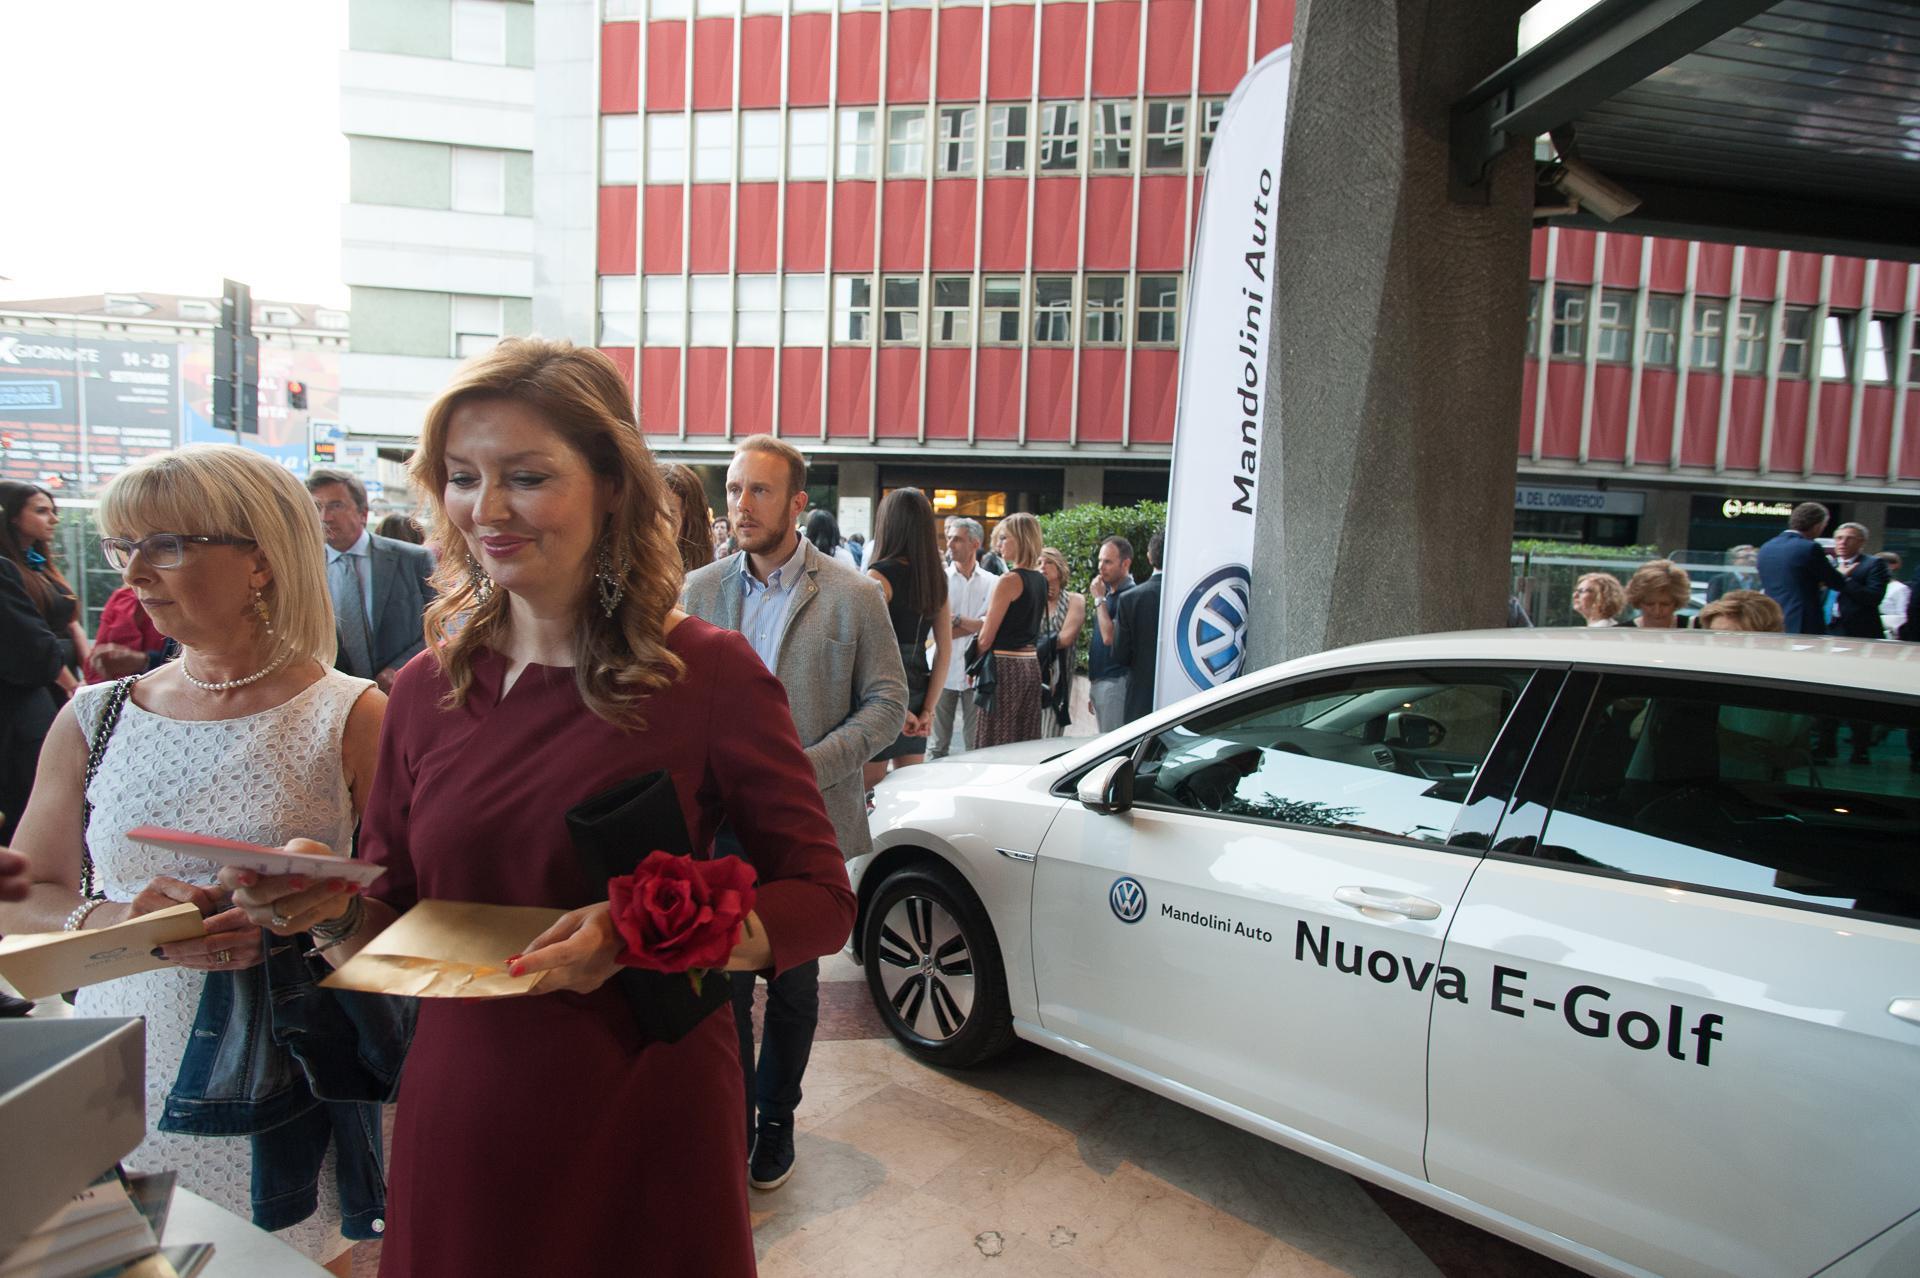 """8 giugno 2017 – Mandolini Auto VW tra i maggiori sostenitori di """"Ride bene chi fa del bene""""."""